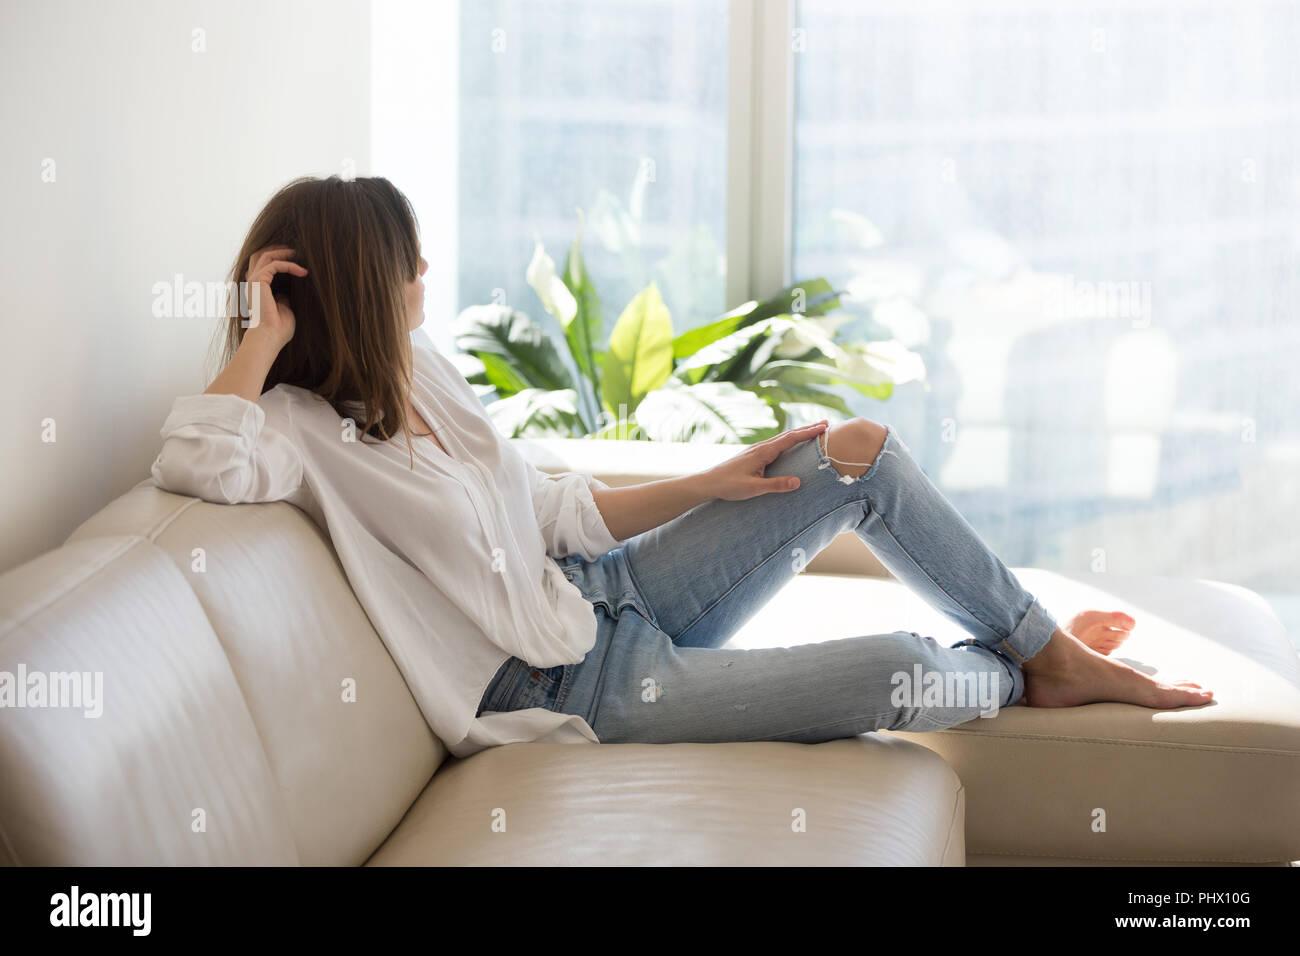 Mujer pensativa relajada disfrutando de bienestar soñando en lujo l Imagen De Stock